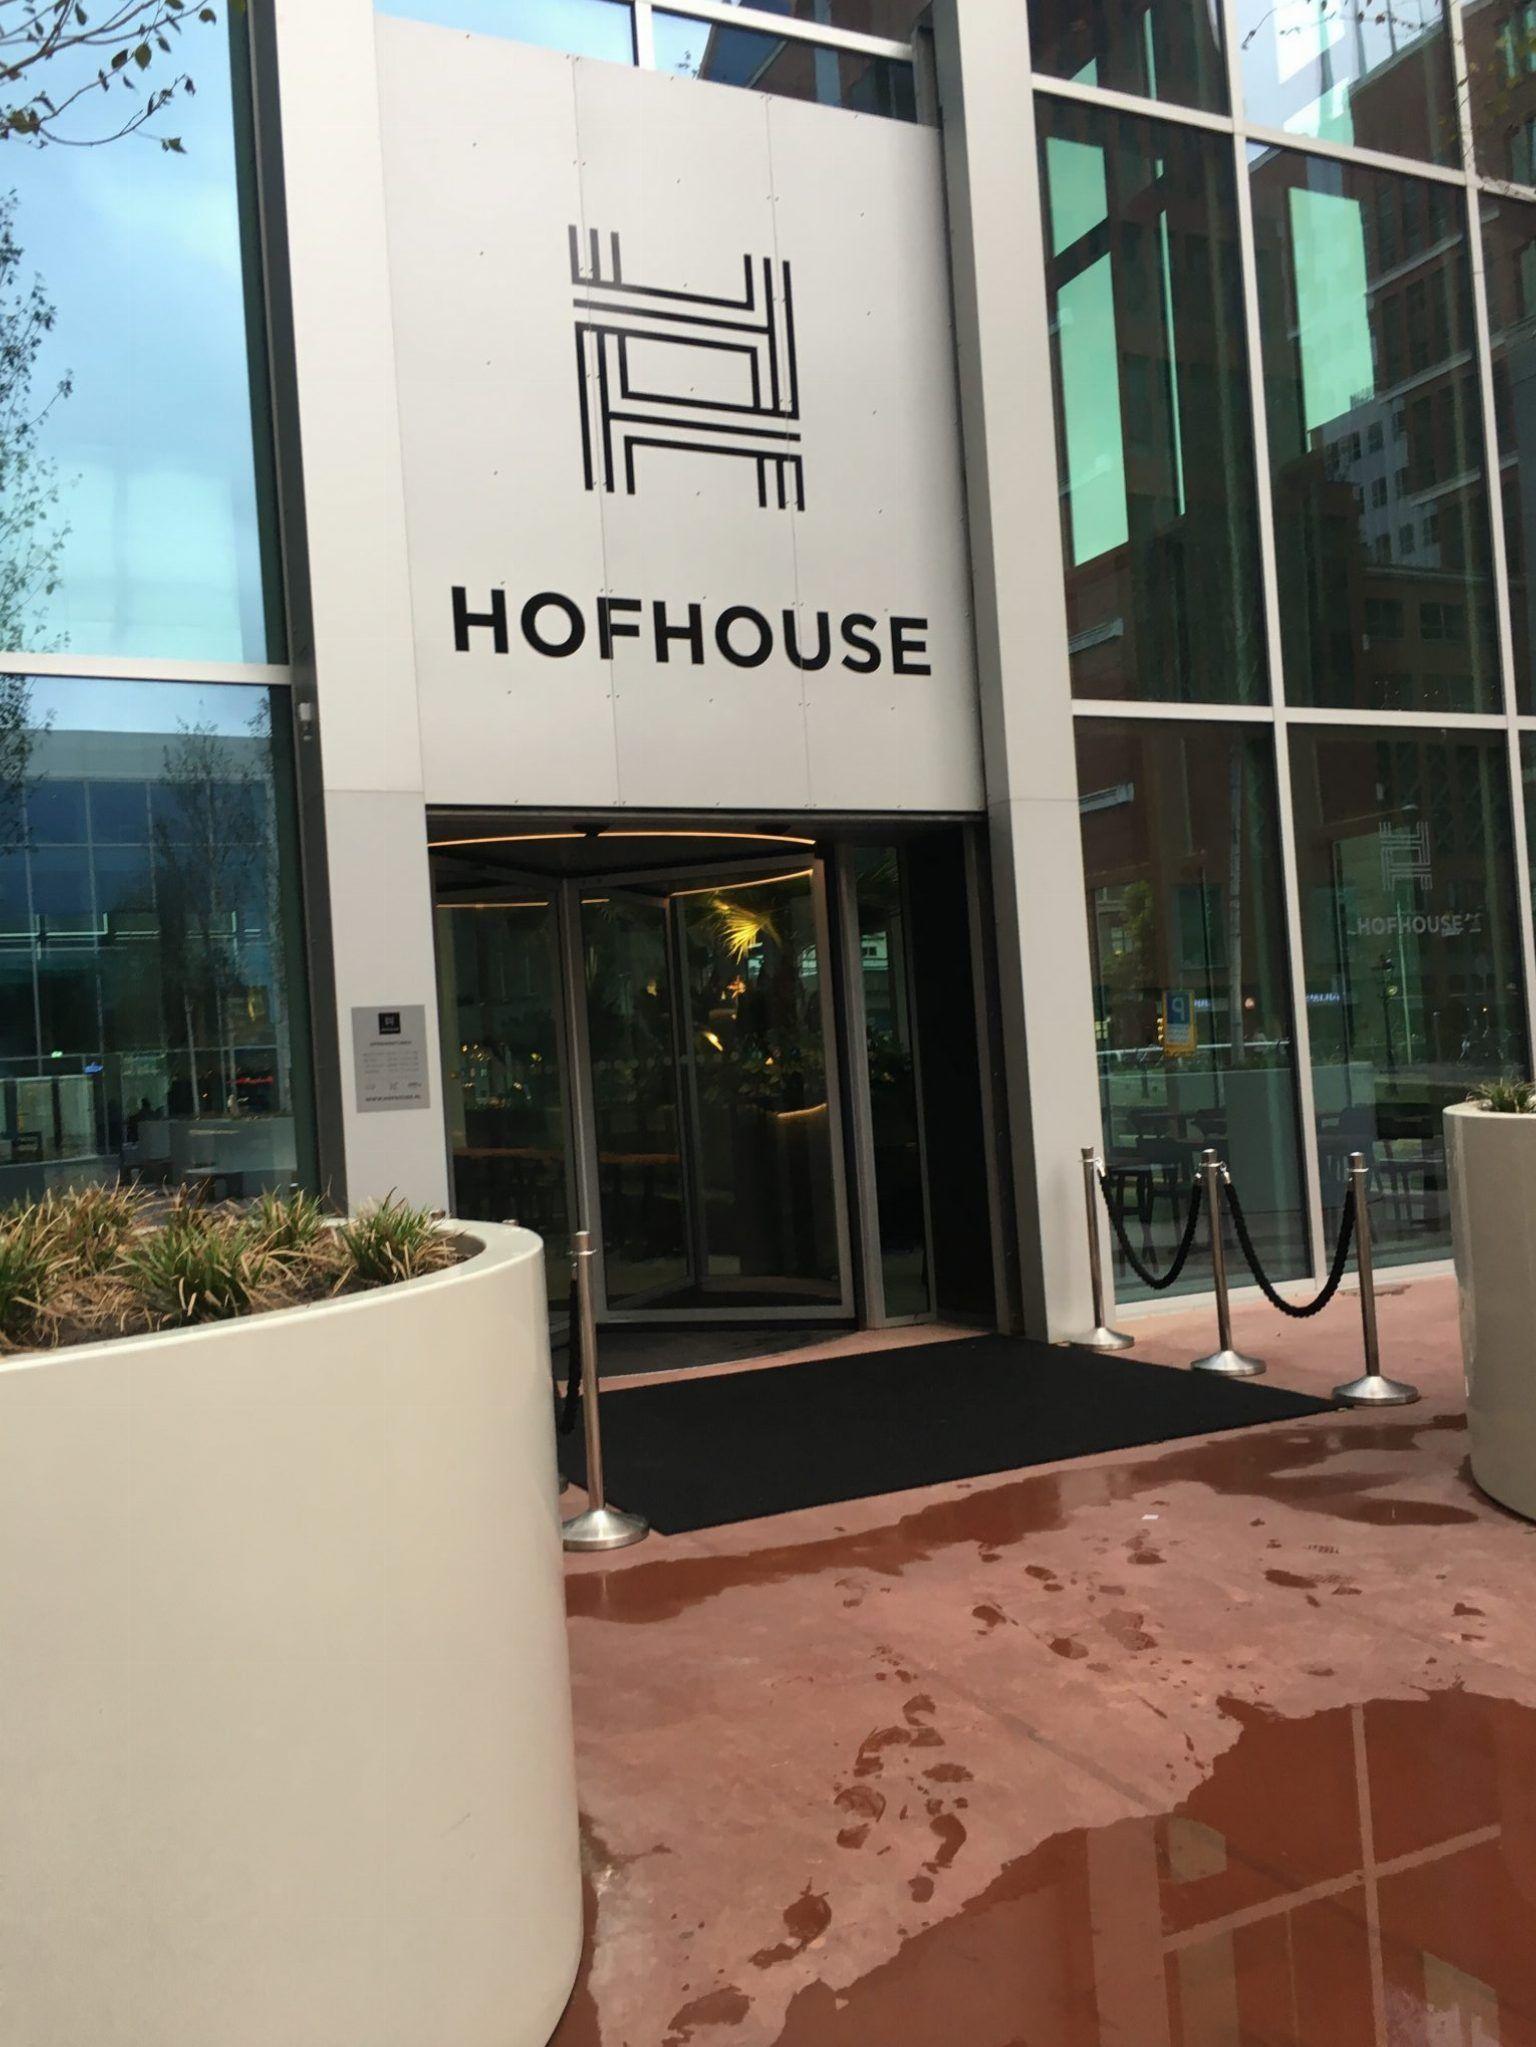 Nieuw In Den Haag Is Het Hofhouse Een Foodcourt Met 8 Pop Up Restaurants Tijdens De 2e Mamabloggers Borrel Spraken We Daar Af En Mochten Van All Den Haag Haag